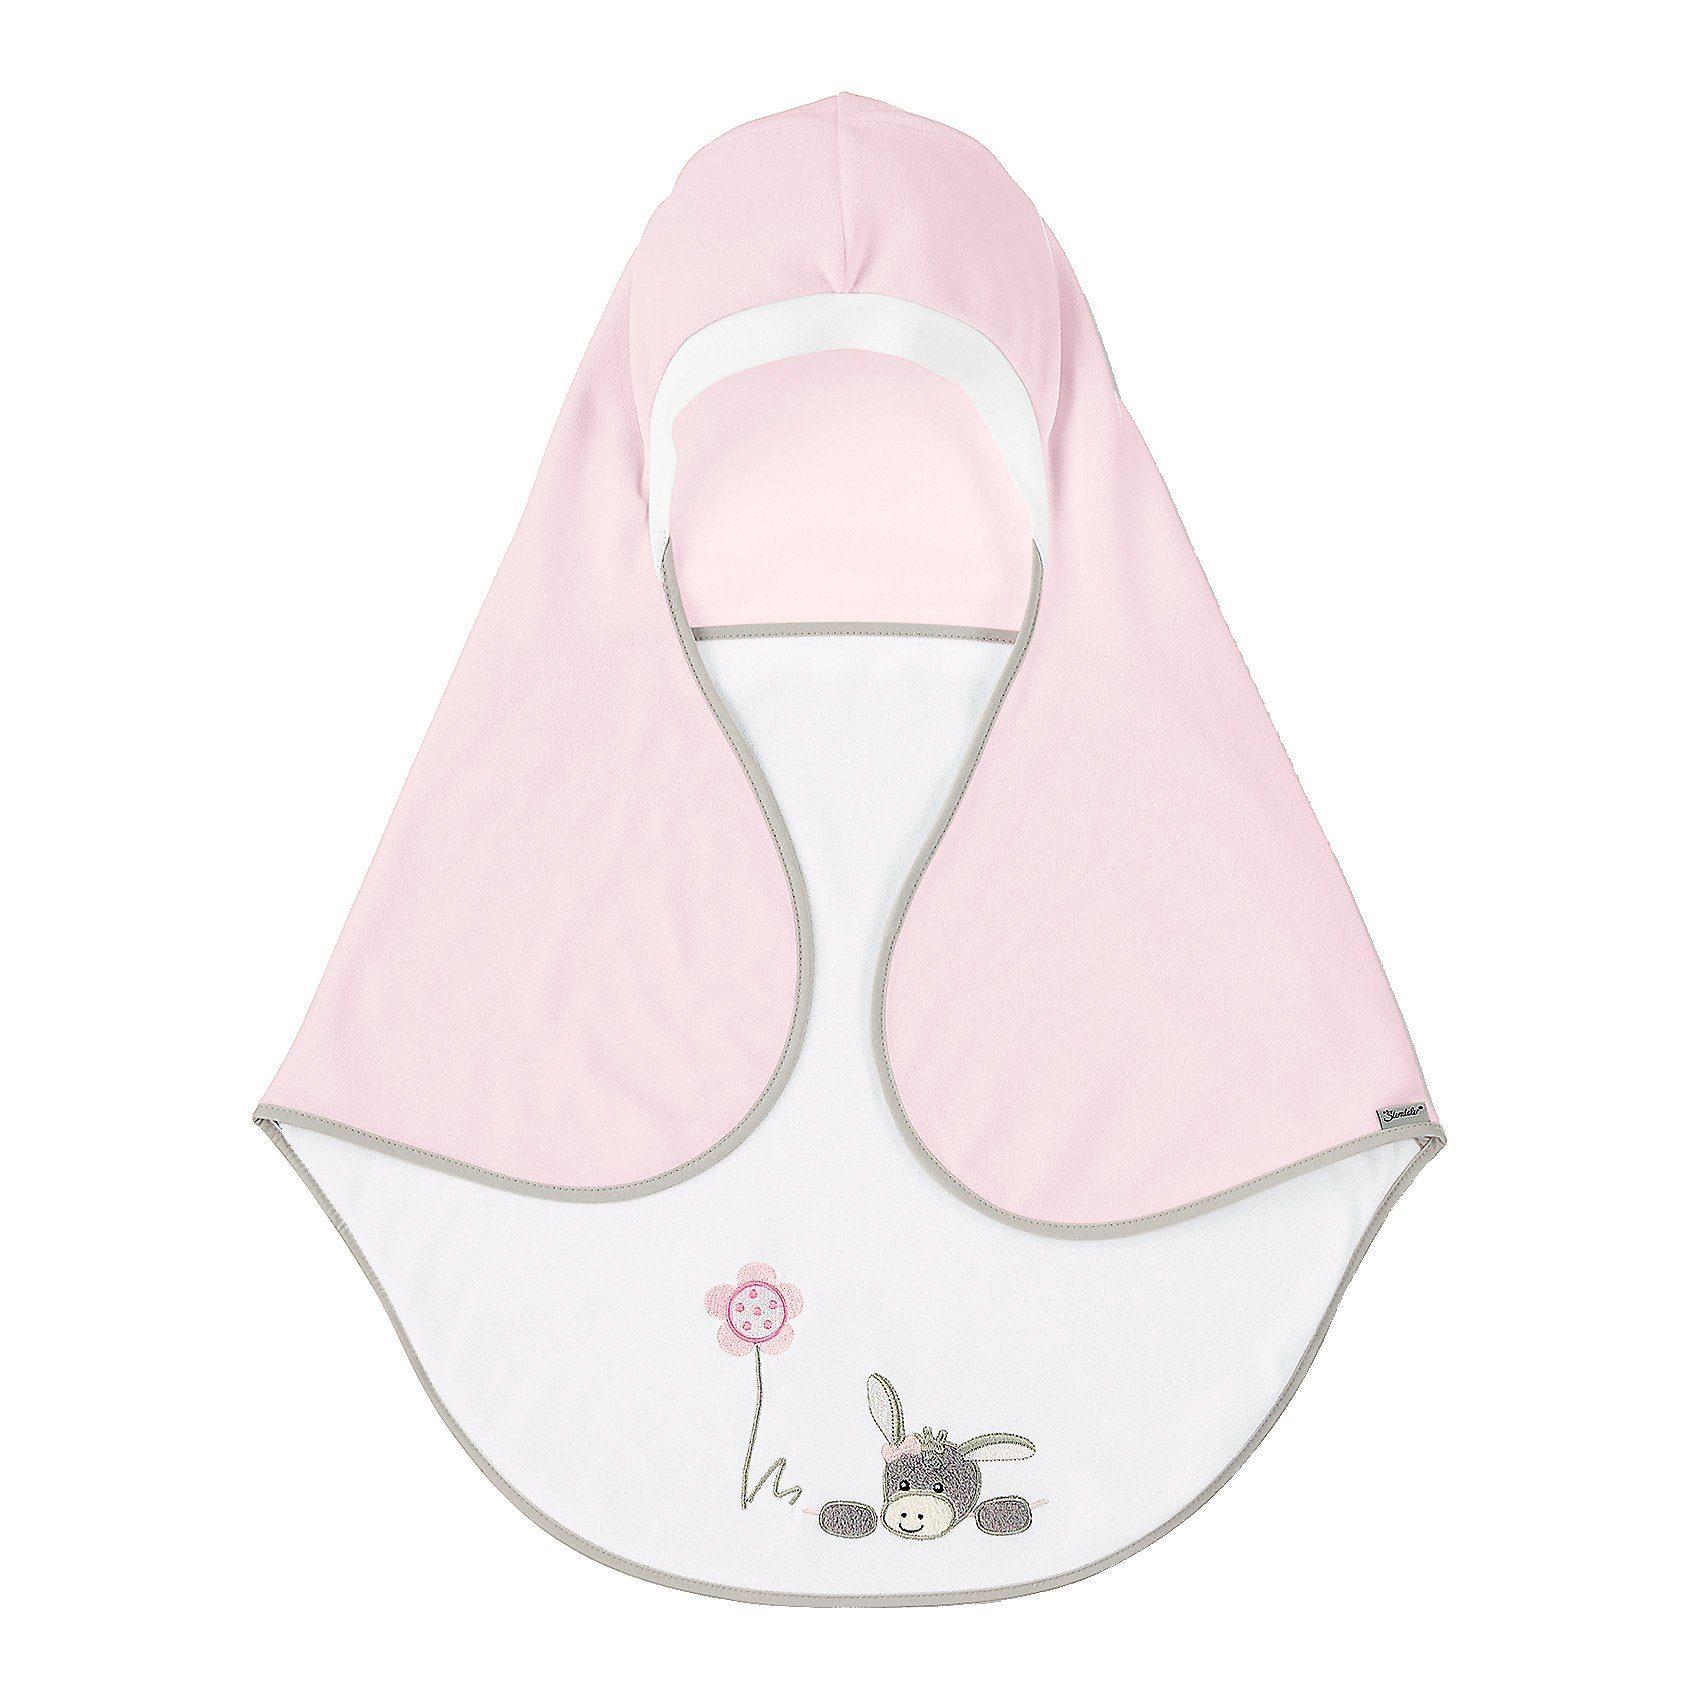 Sterntaler® Einschlagdecke Emmi Girl, mit Gurtschlitz, rosa/weiß, 75 x 9